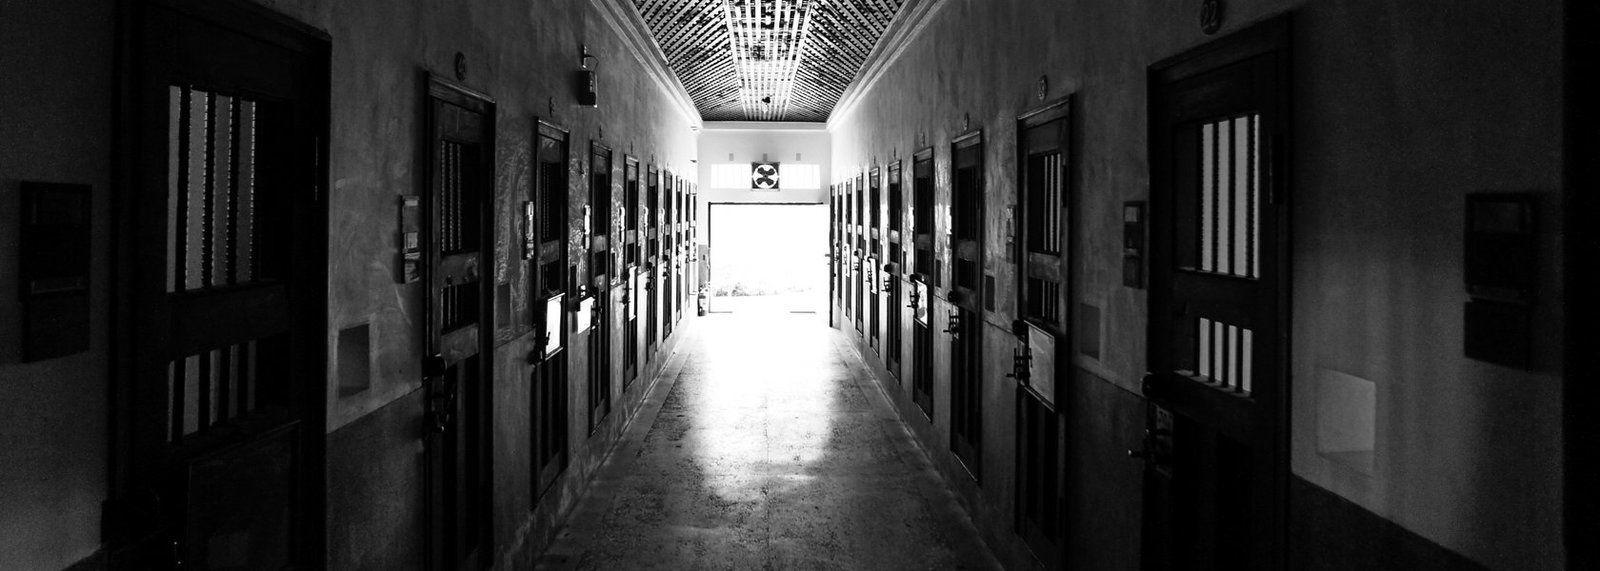 Poursuite de la détention arbitraire et du harcèlement judiciaire de cinq défenseurs des droits humains - République Démocratique du Congo